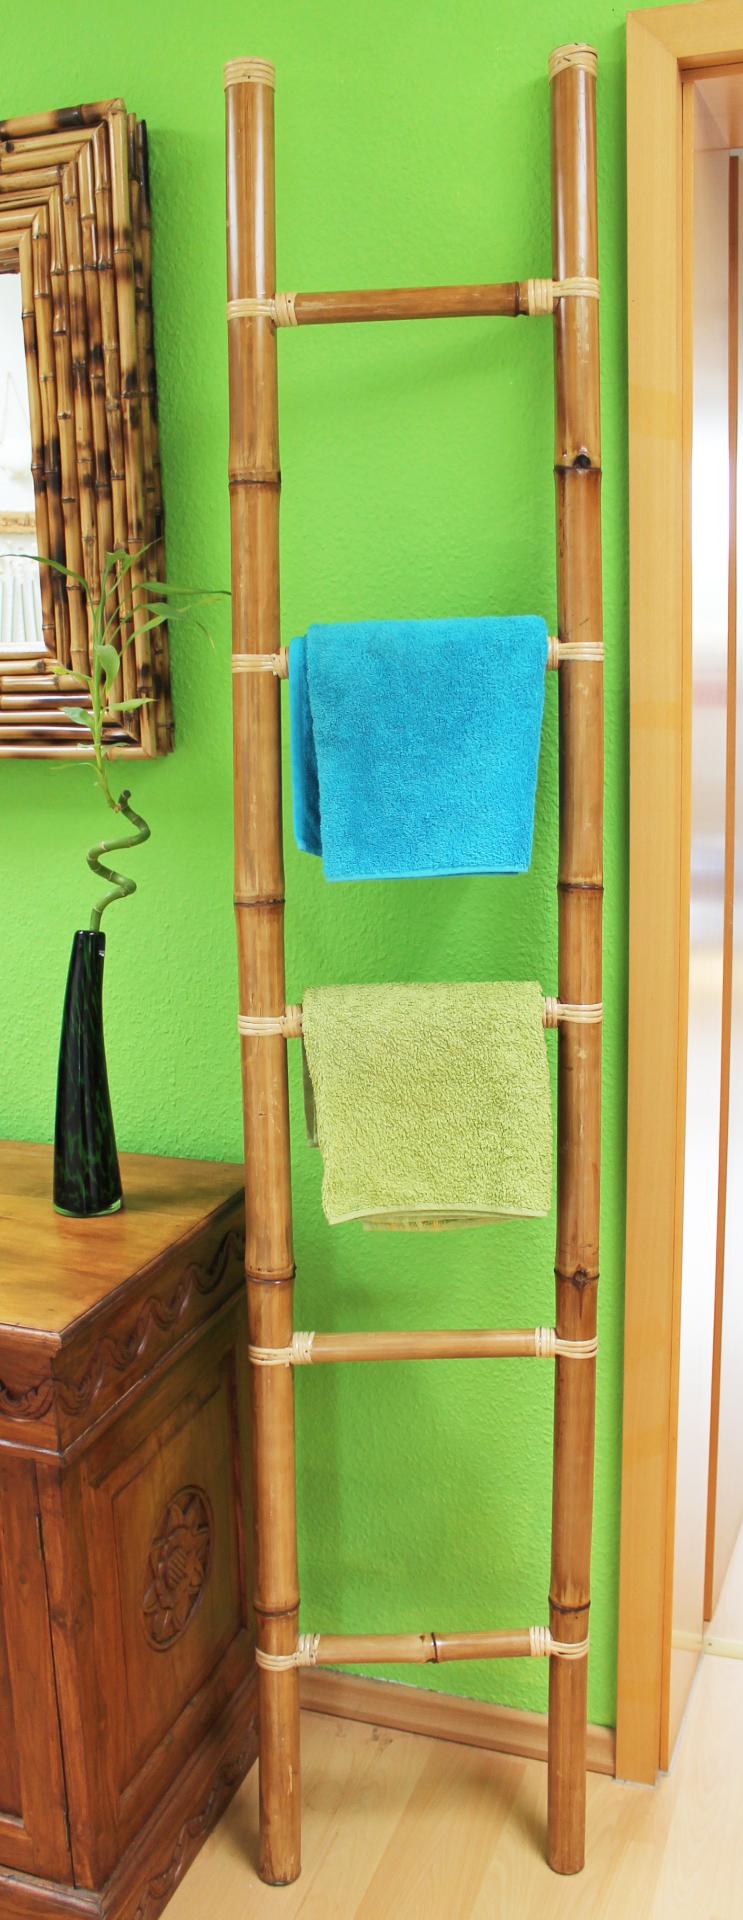 Handtuchhalter Bambus natur lineshop für Barockspiegel